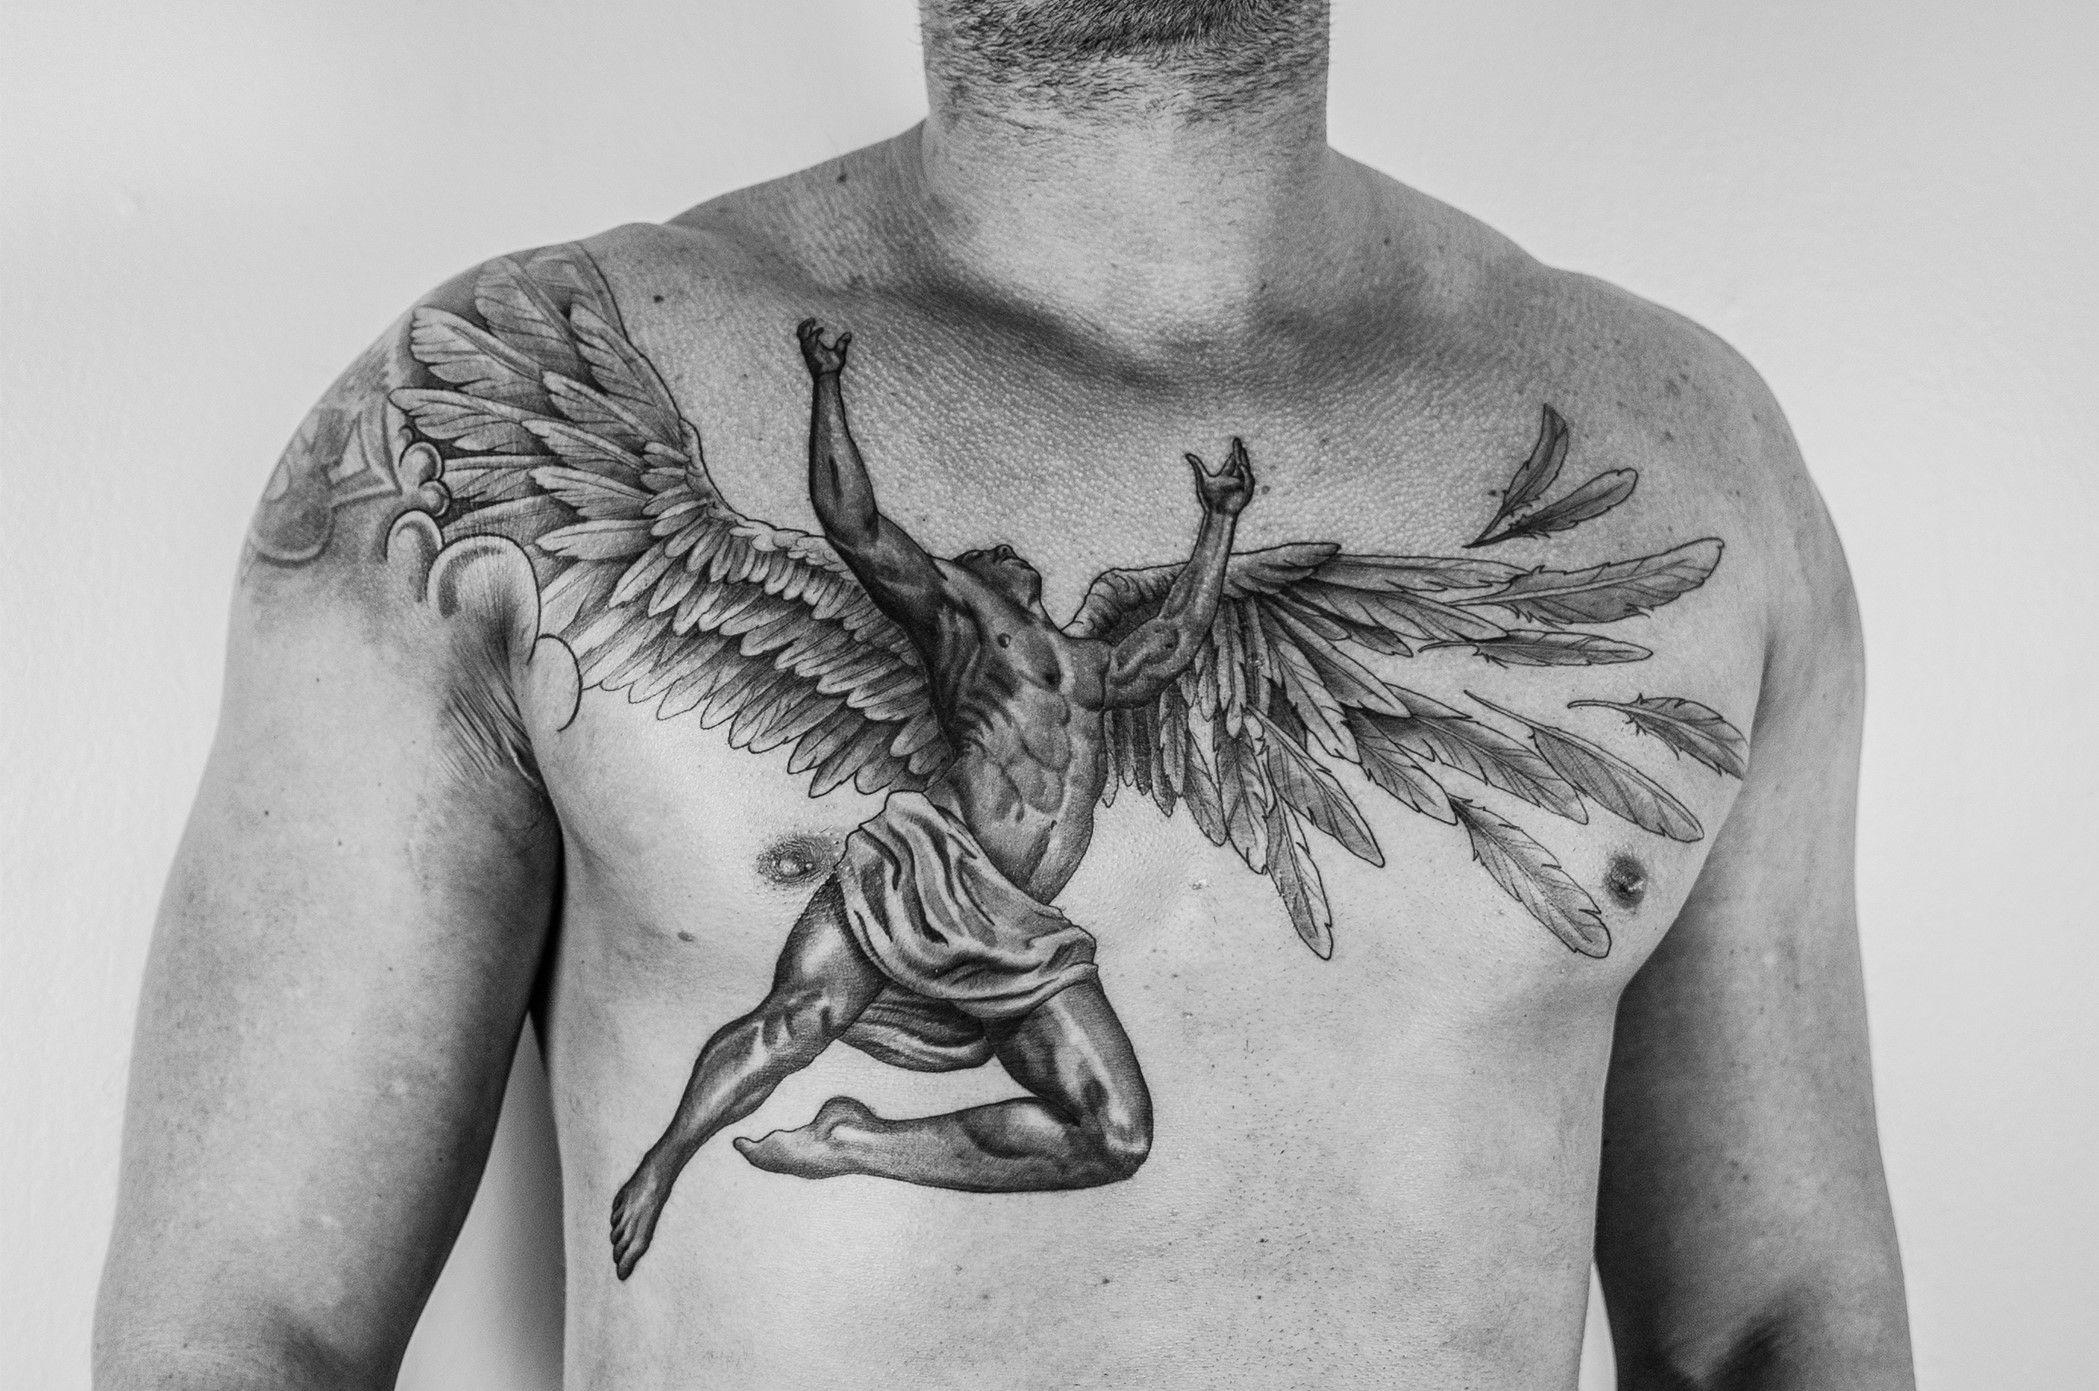 43+ Icarus tattoo ideas